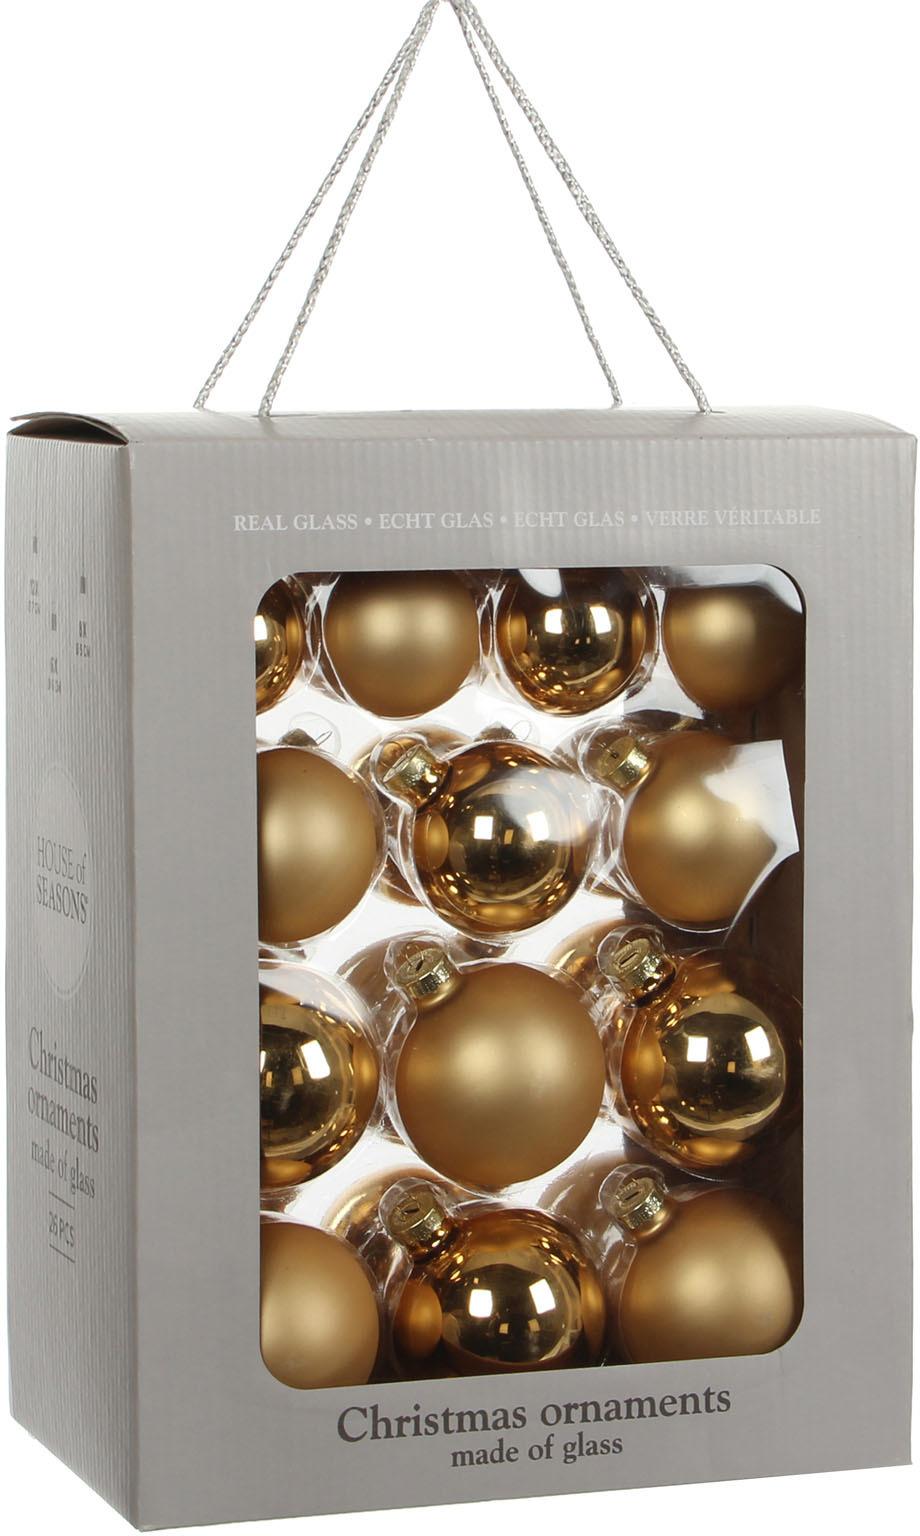 цена на Набор елочных игрушек House of Seasons Шар, цвет: золотой, диаметр 5 см, 6 см, 7 см, 26 шт. 83121 (1028673)